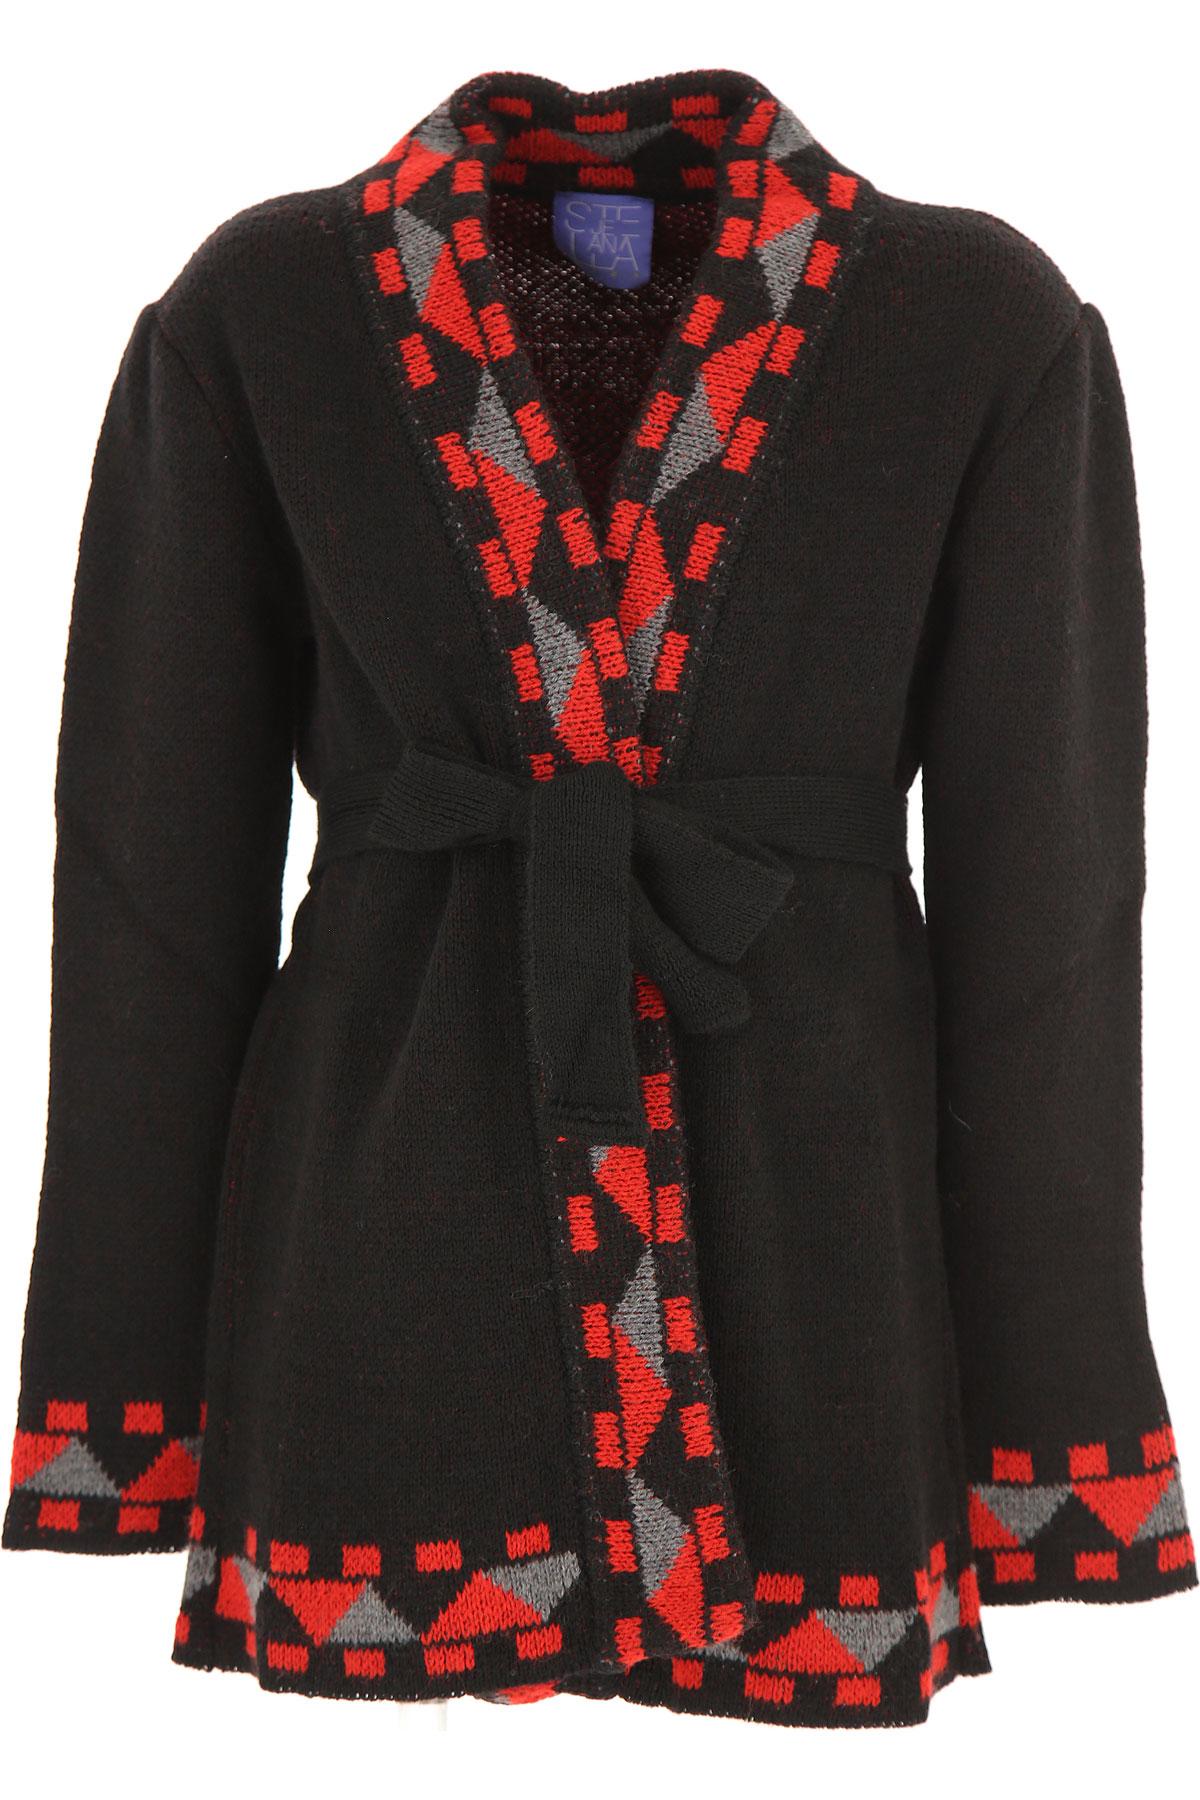 Stella Jean Kids Sweaters for Girls On Sale, Black, Acrylic, 2019, 10Y 4Y 6Y 8Y